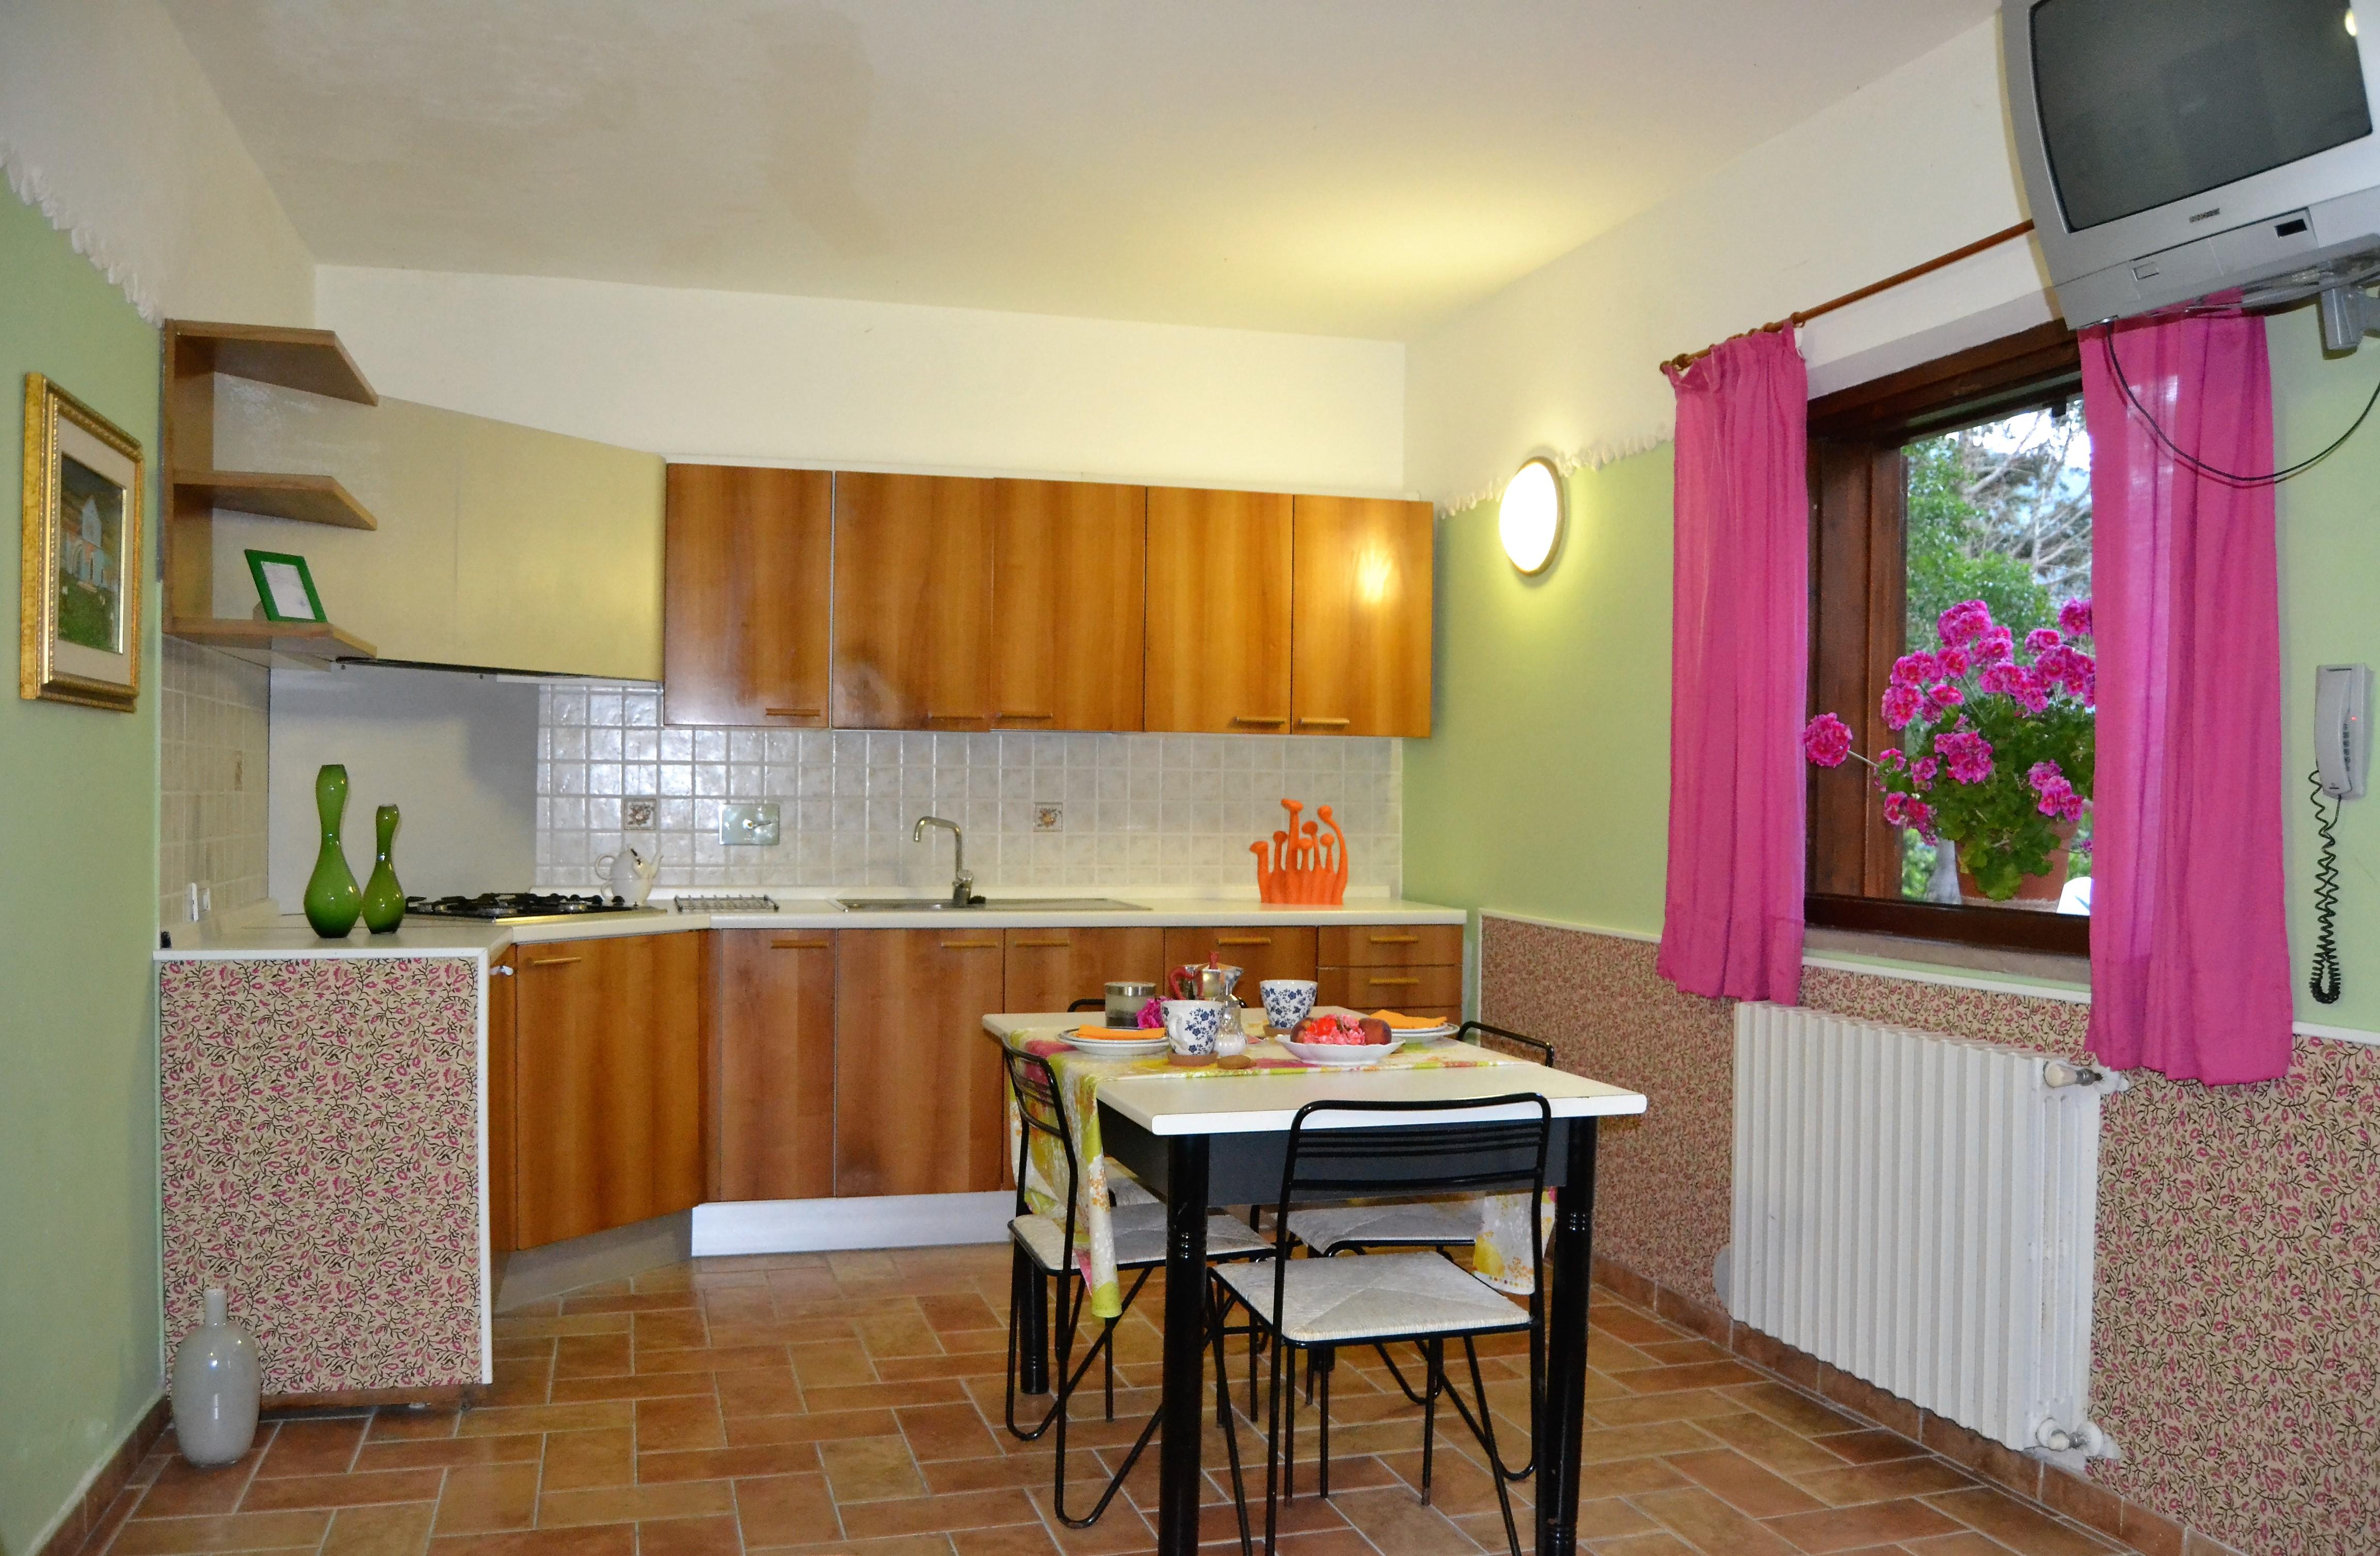 Agriturismo Nizzi -  Assisi - Appartamento Ciliegio